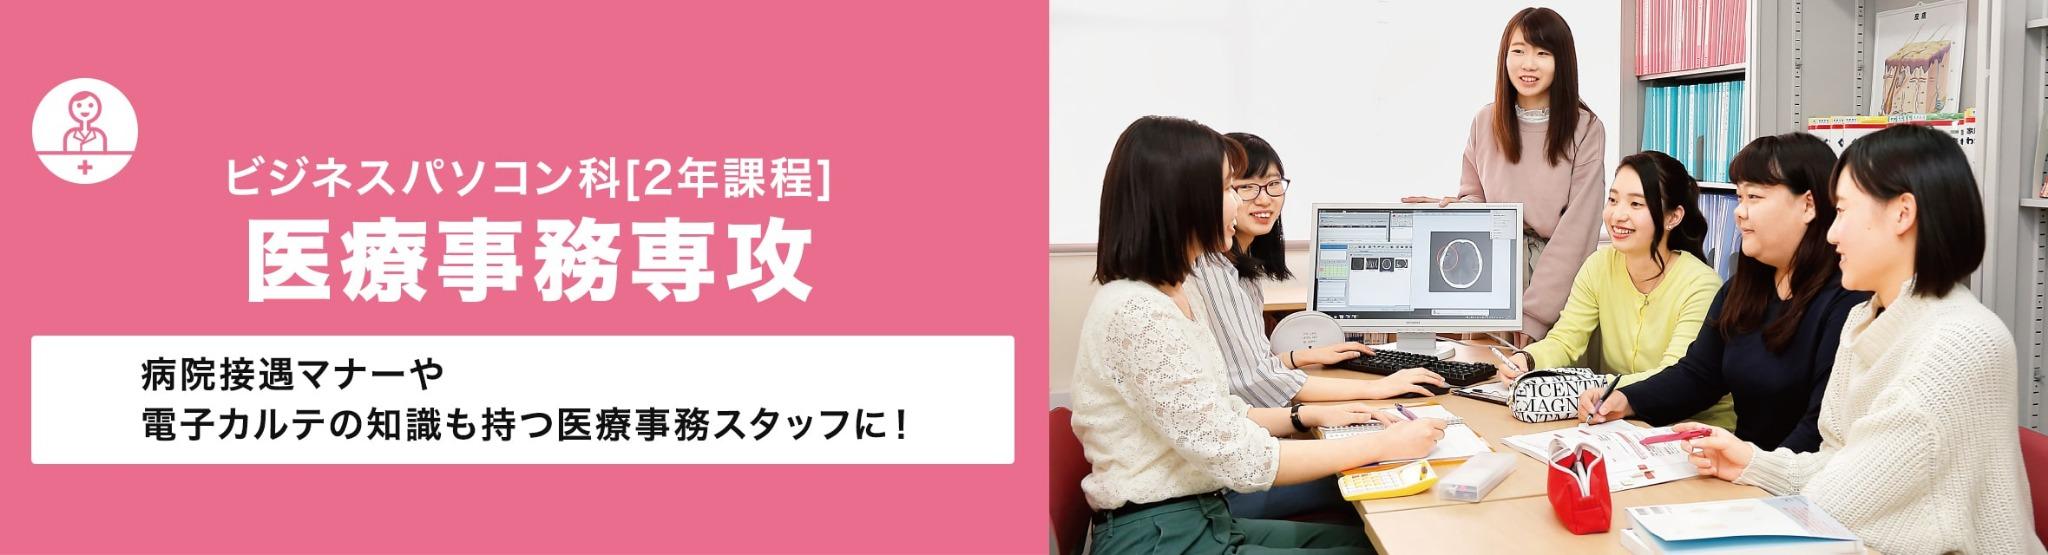 ビジネスパソコン科【2年過程】医療事務専攻